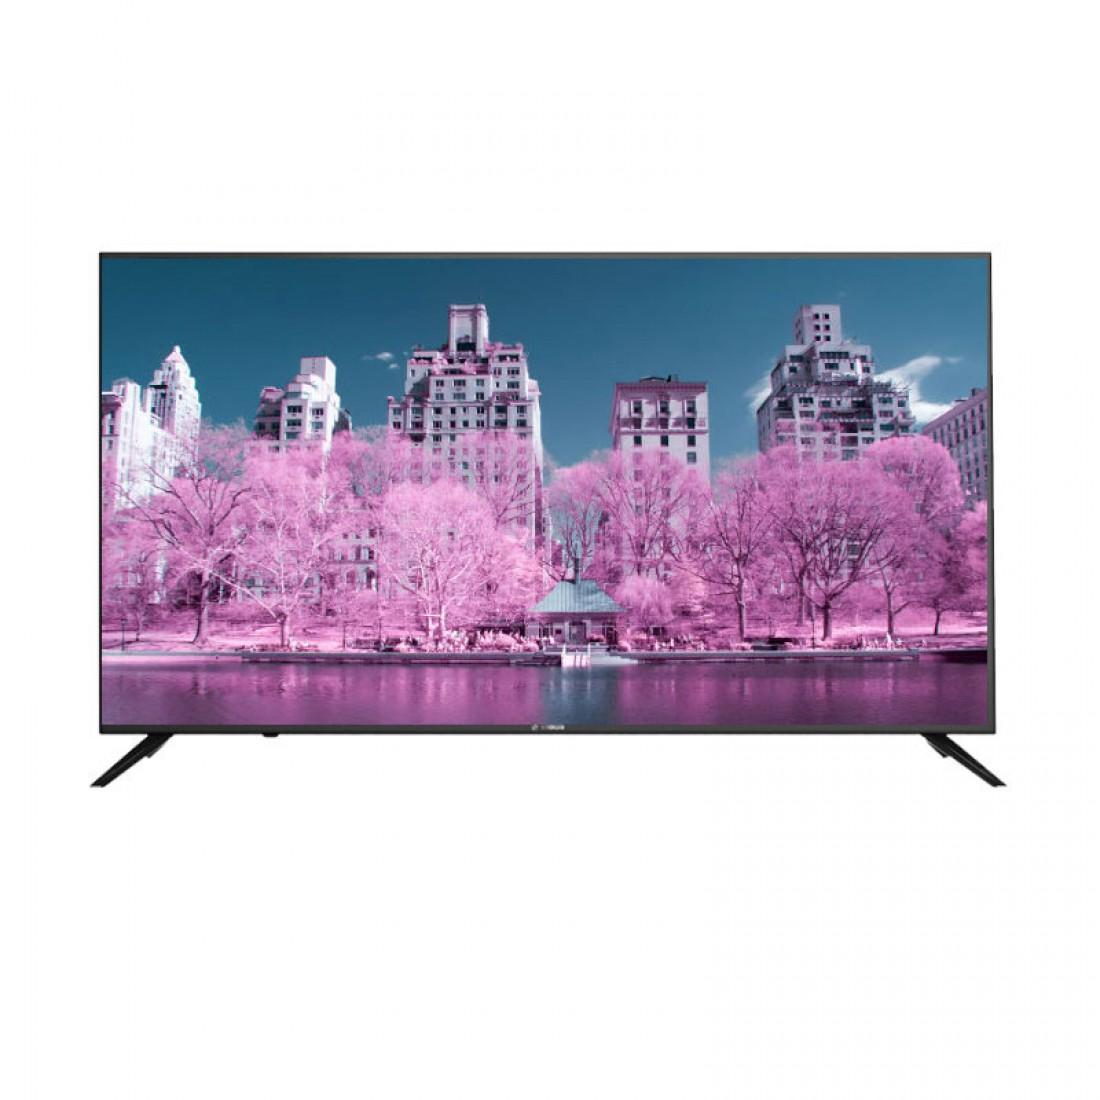 تلویزیون ال ای دی 50 اینچ اسنوا مدل SLD-50SA1120 همراه با گیرنده دیجیتال